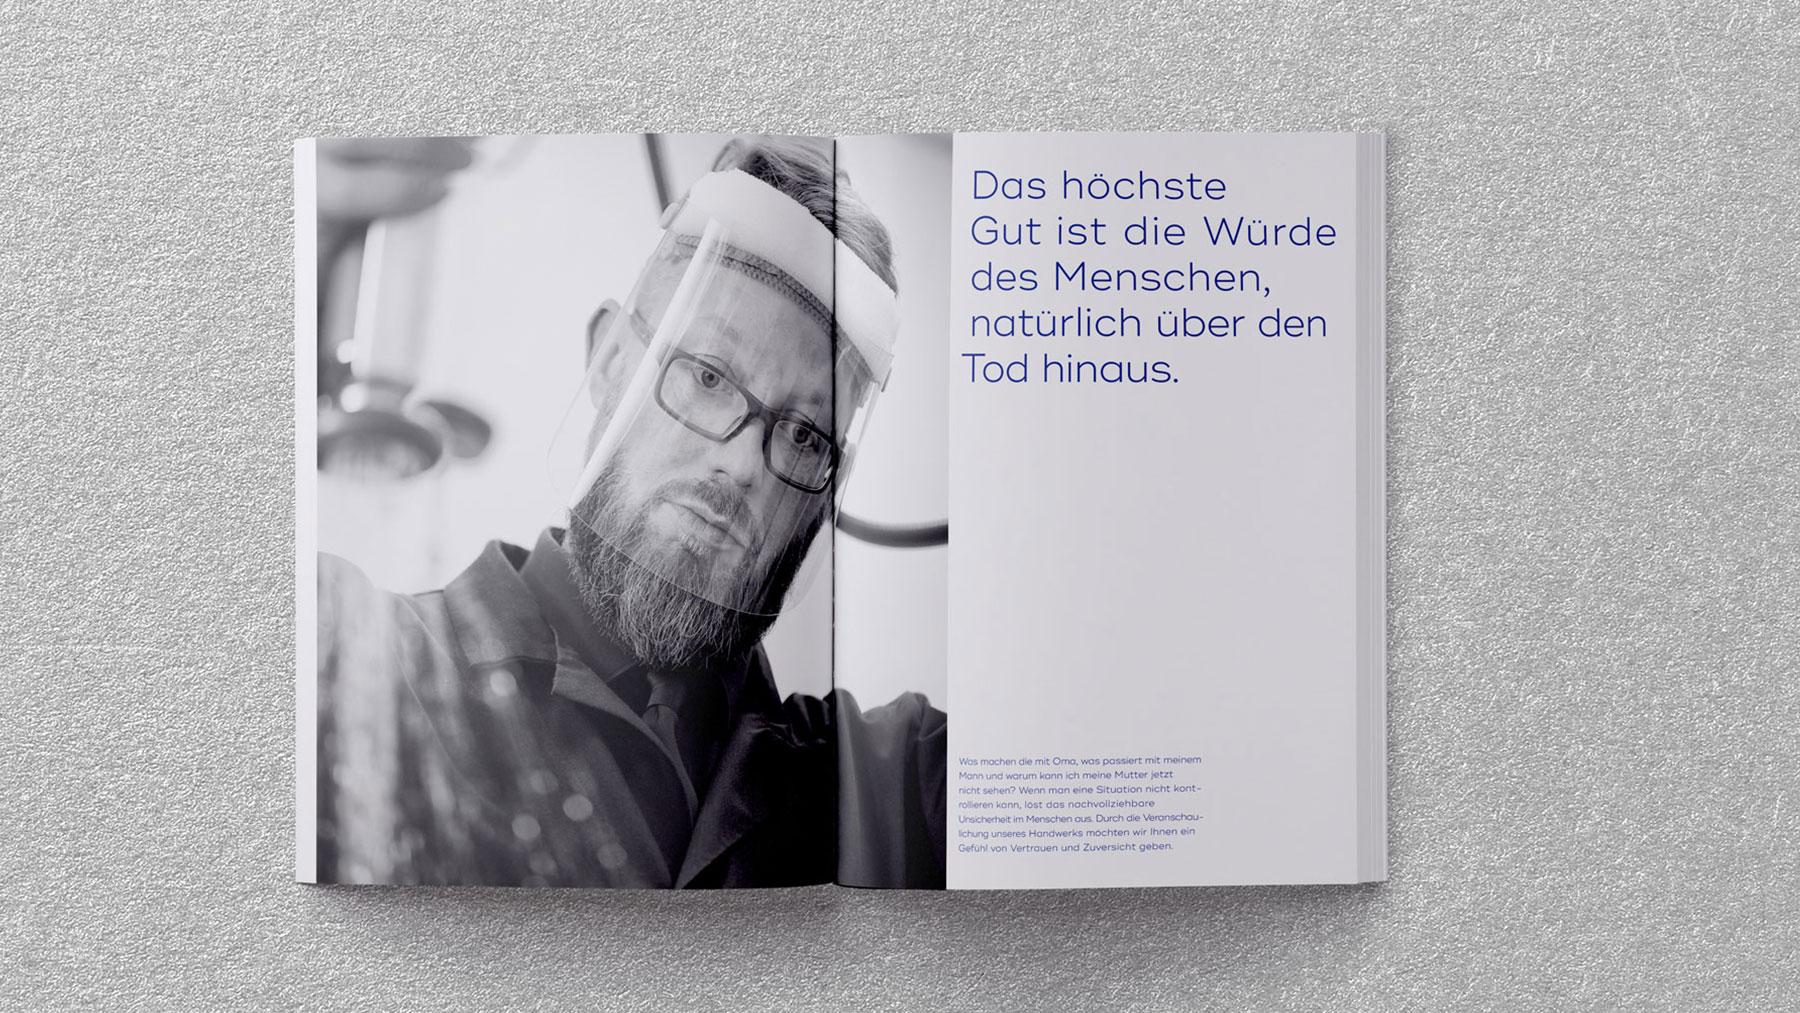 Mock_Up_Menge_Innen_Uebersicht_02-b1